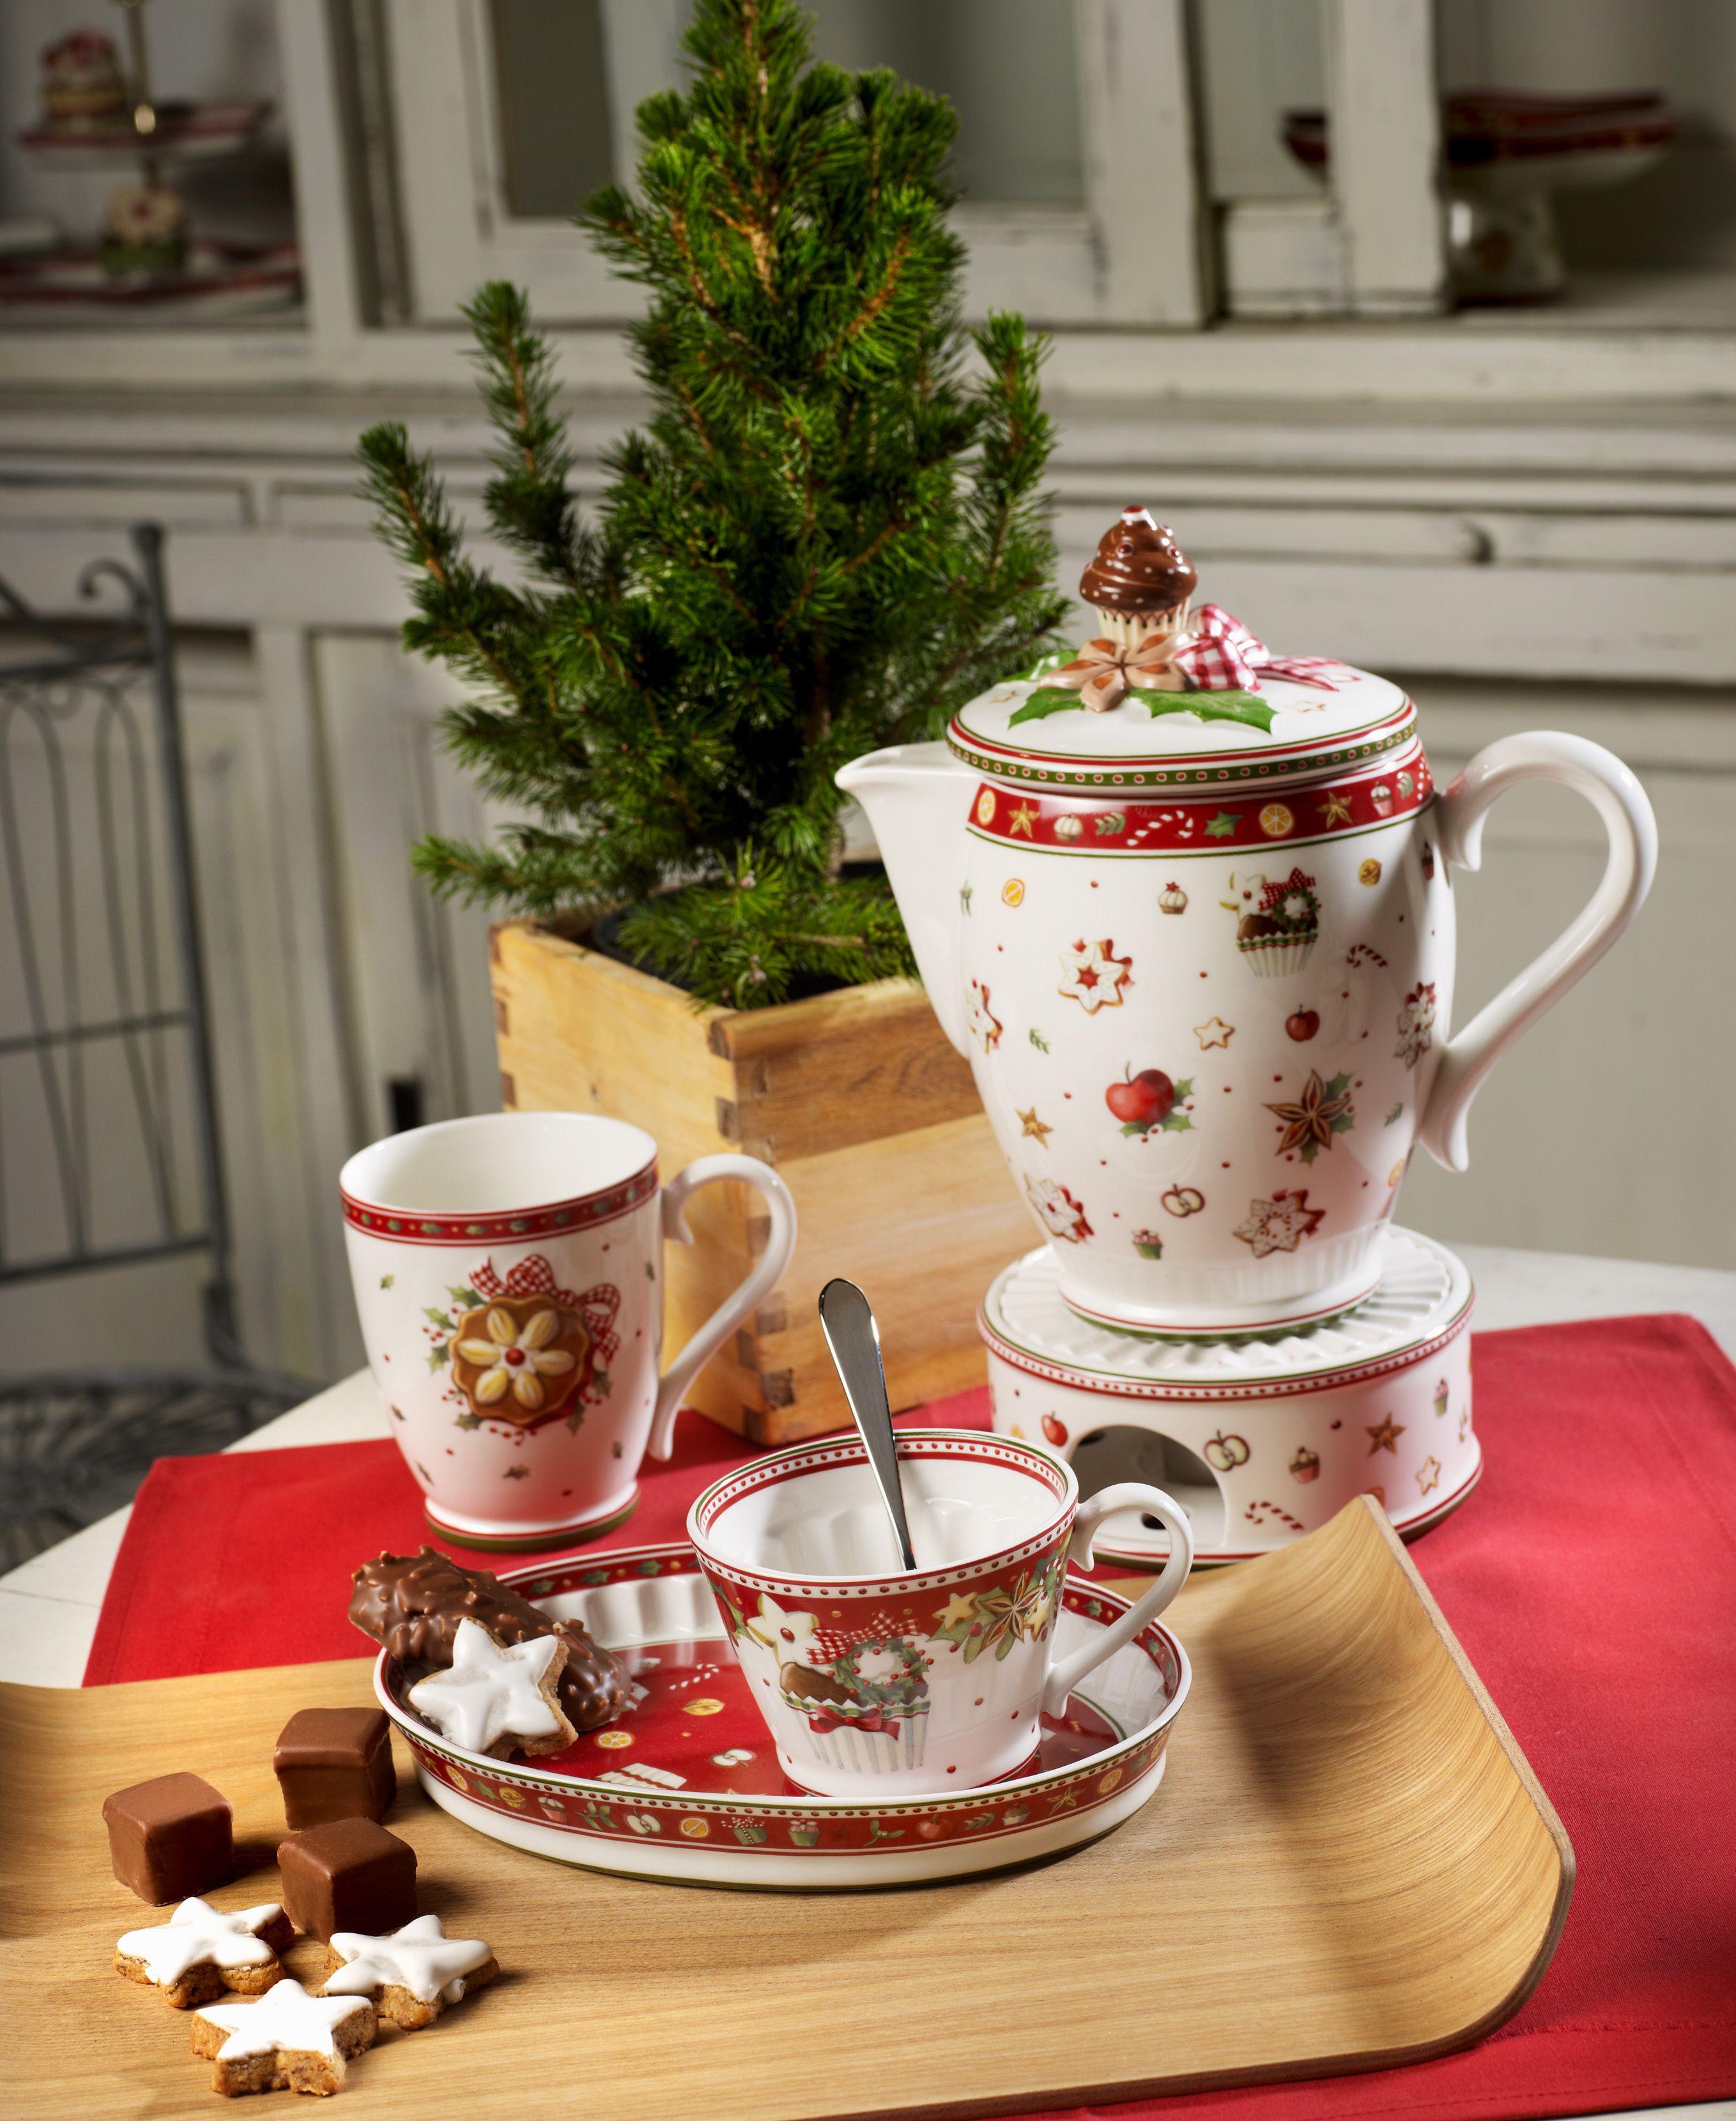 Bakery Delight - doplněná kolekce vánočního kávového a čajového servisu